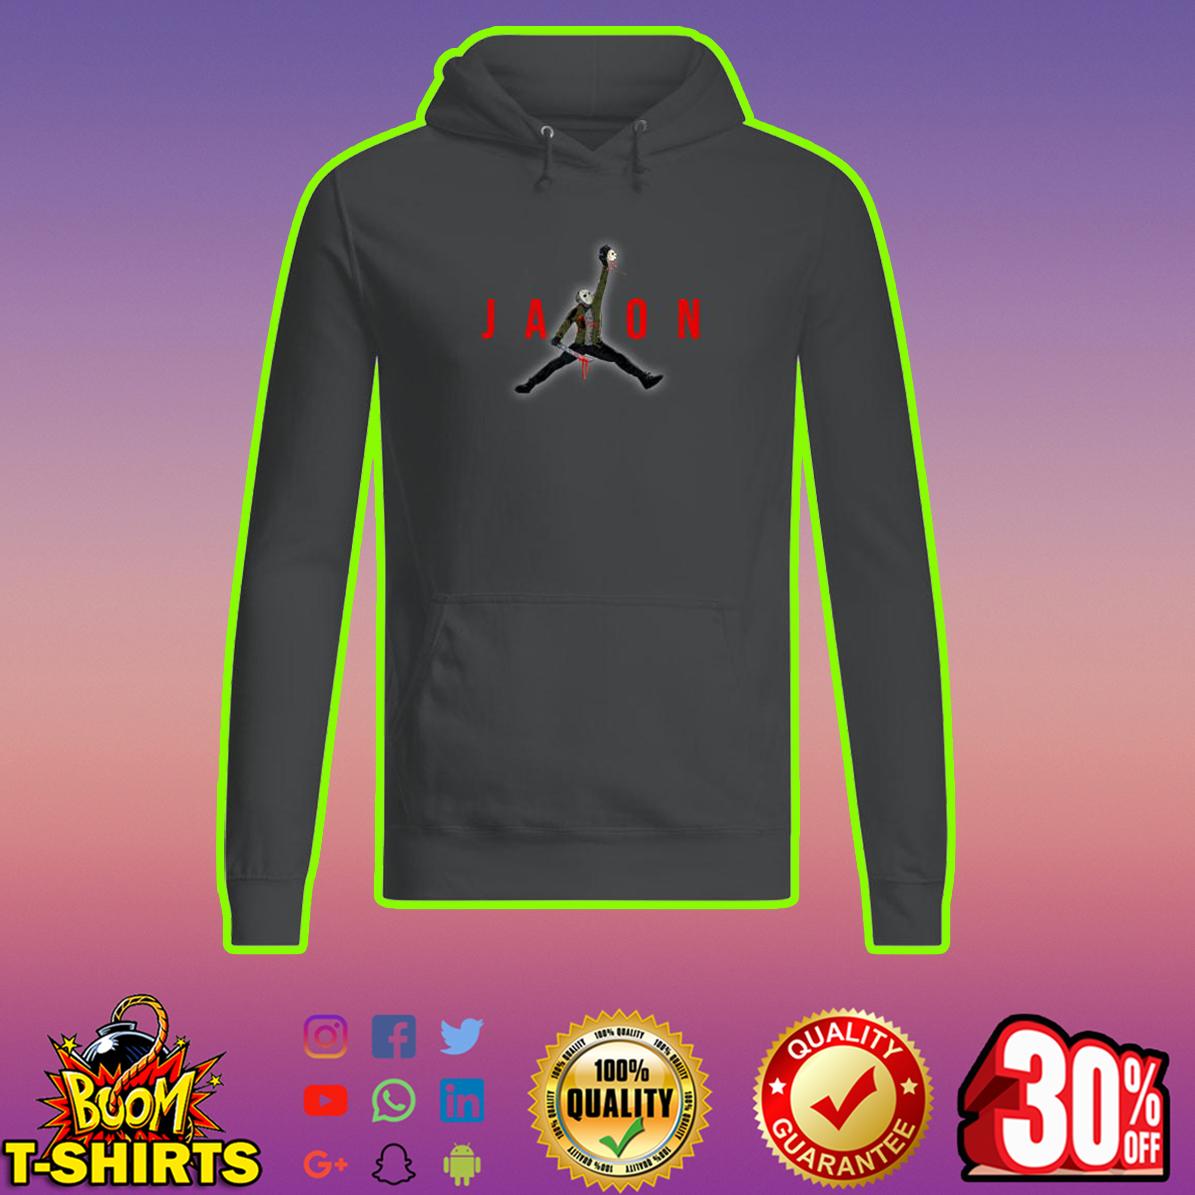 Jason Voorhees Jumpman Air Jordan hoodie